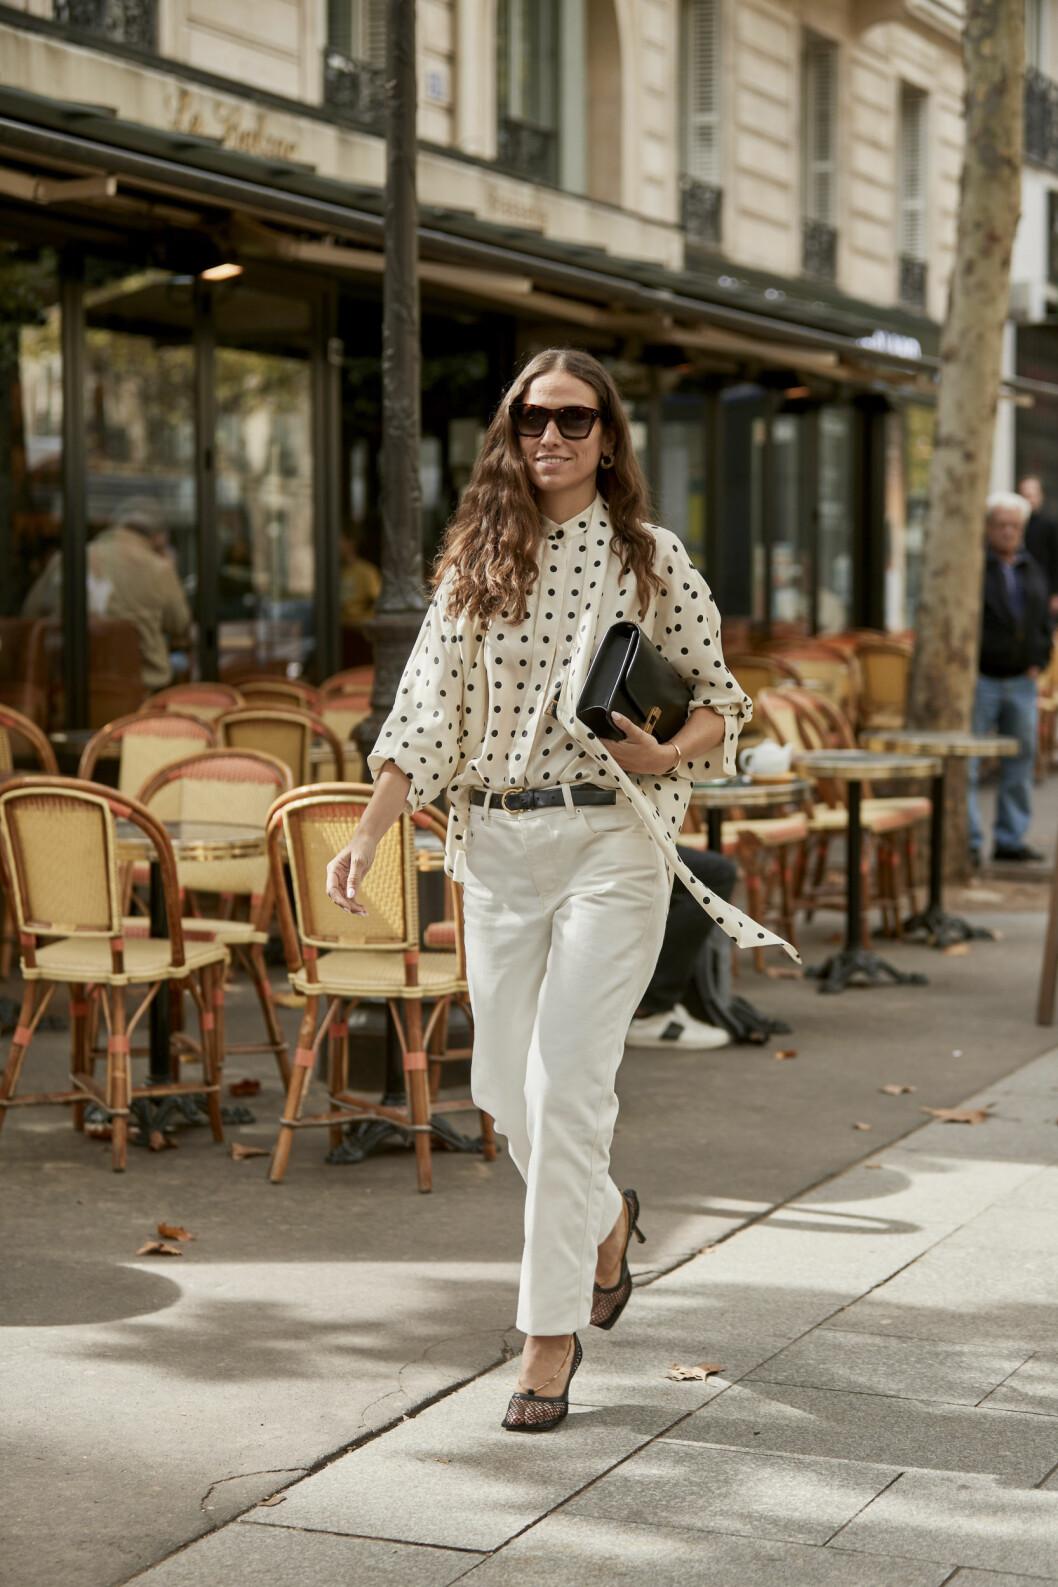 Streetstyle-inspiration med fin vårlook med prickig blus och vita jeans.